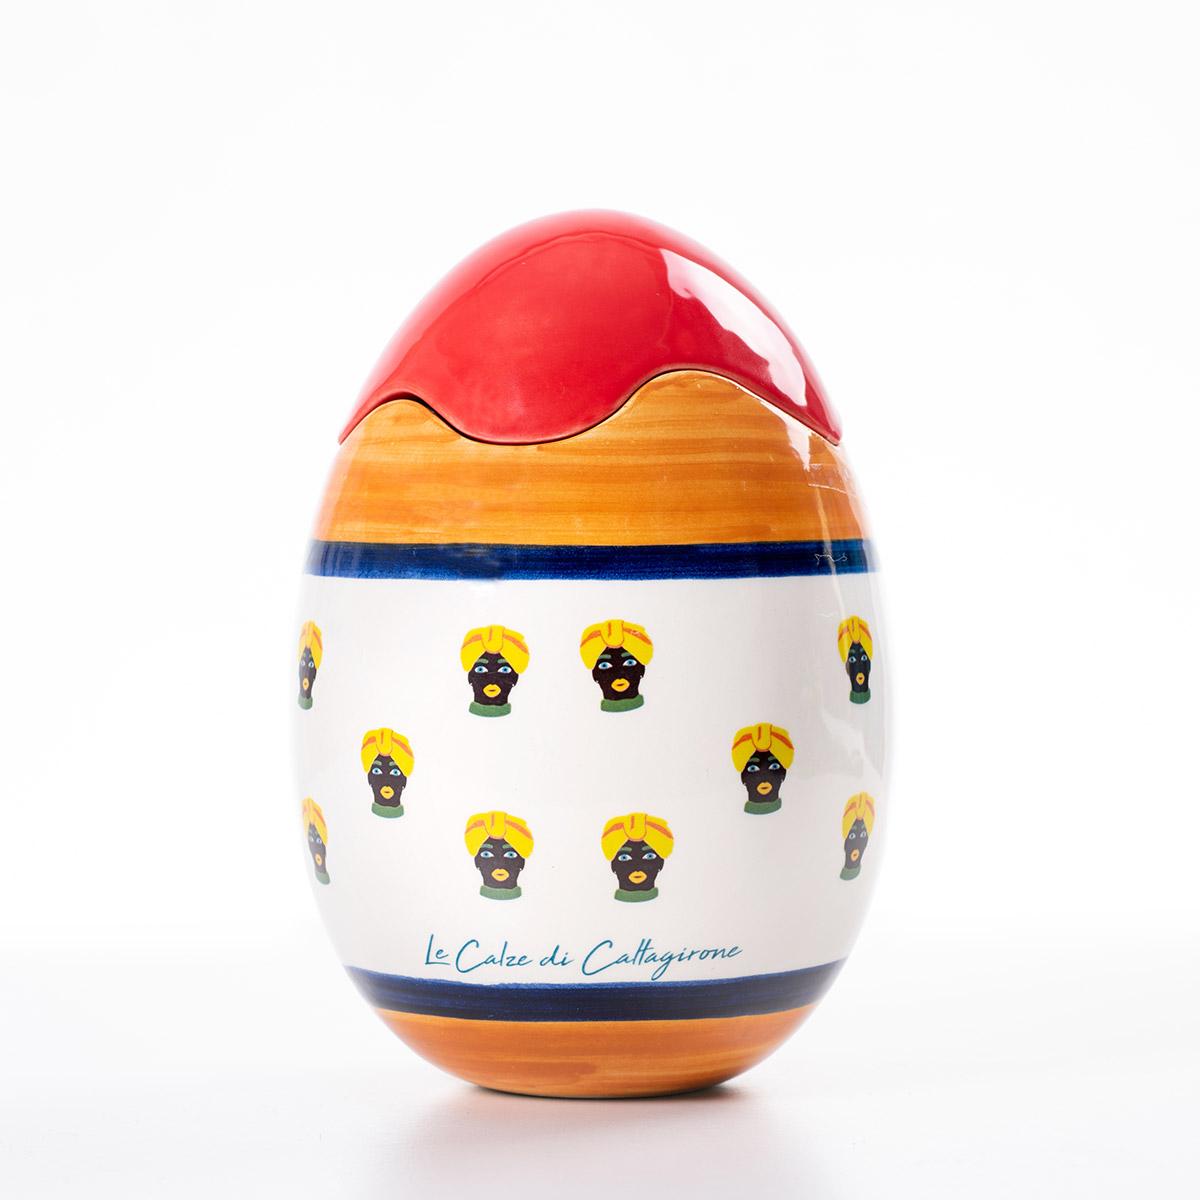 È una delle più conosciute d'italia, nonché una delle più documentate e stilisticamente variegate. Uovo Da Collezione In Ceramica Testa Di Moro Le Calze Di Caltagirone